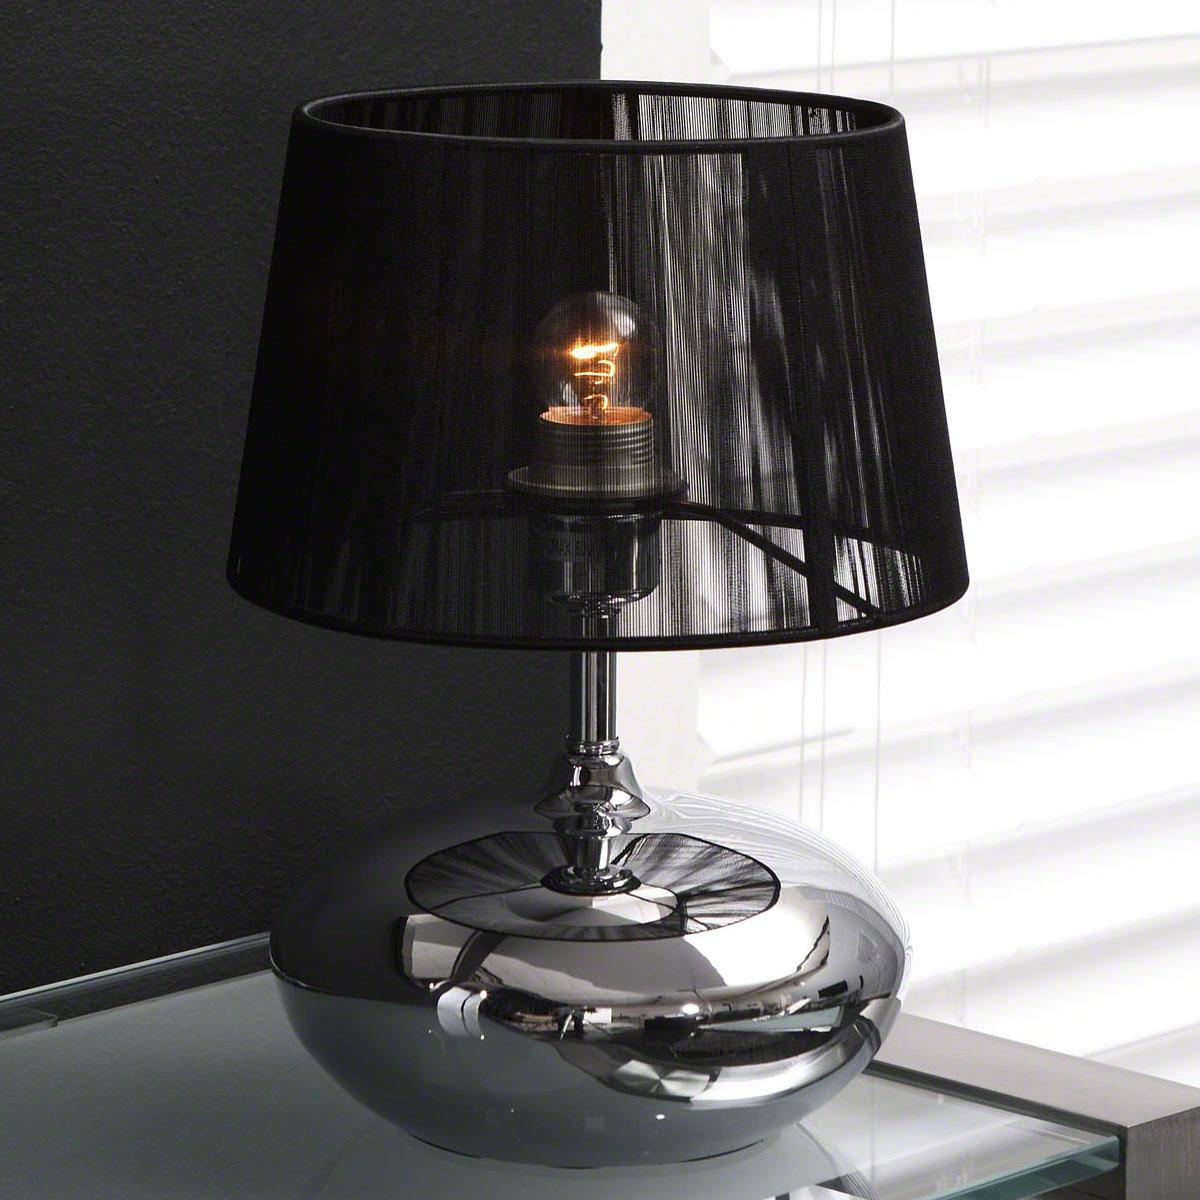 design tafellamp Takako 1 Lamps chroom met zwarte kap